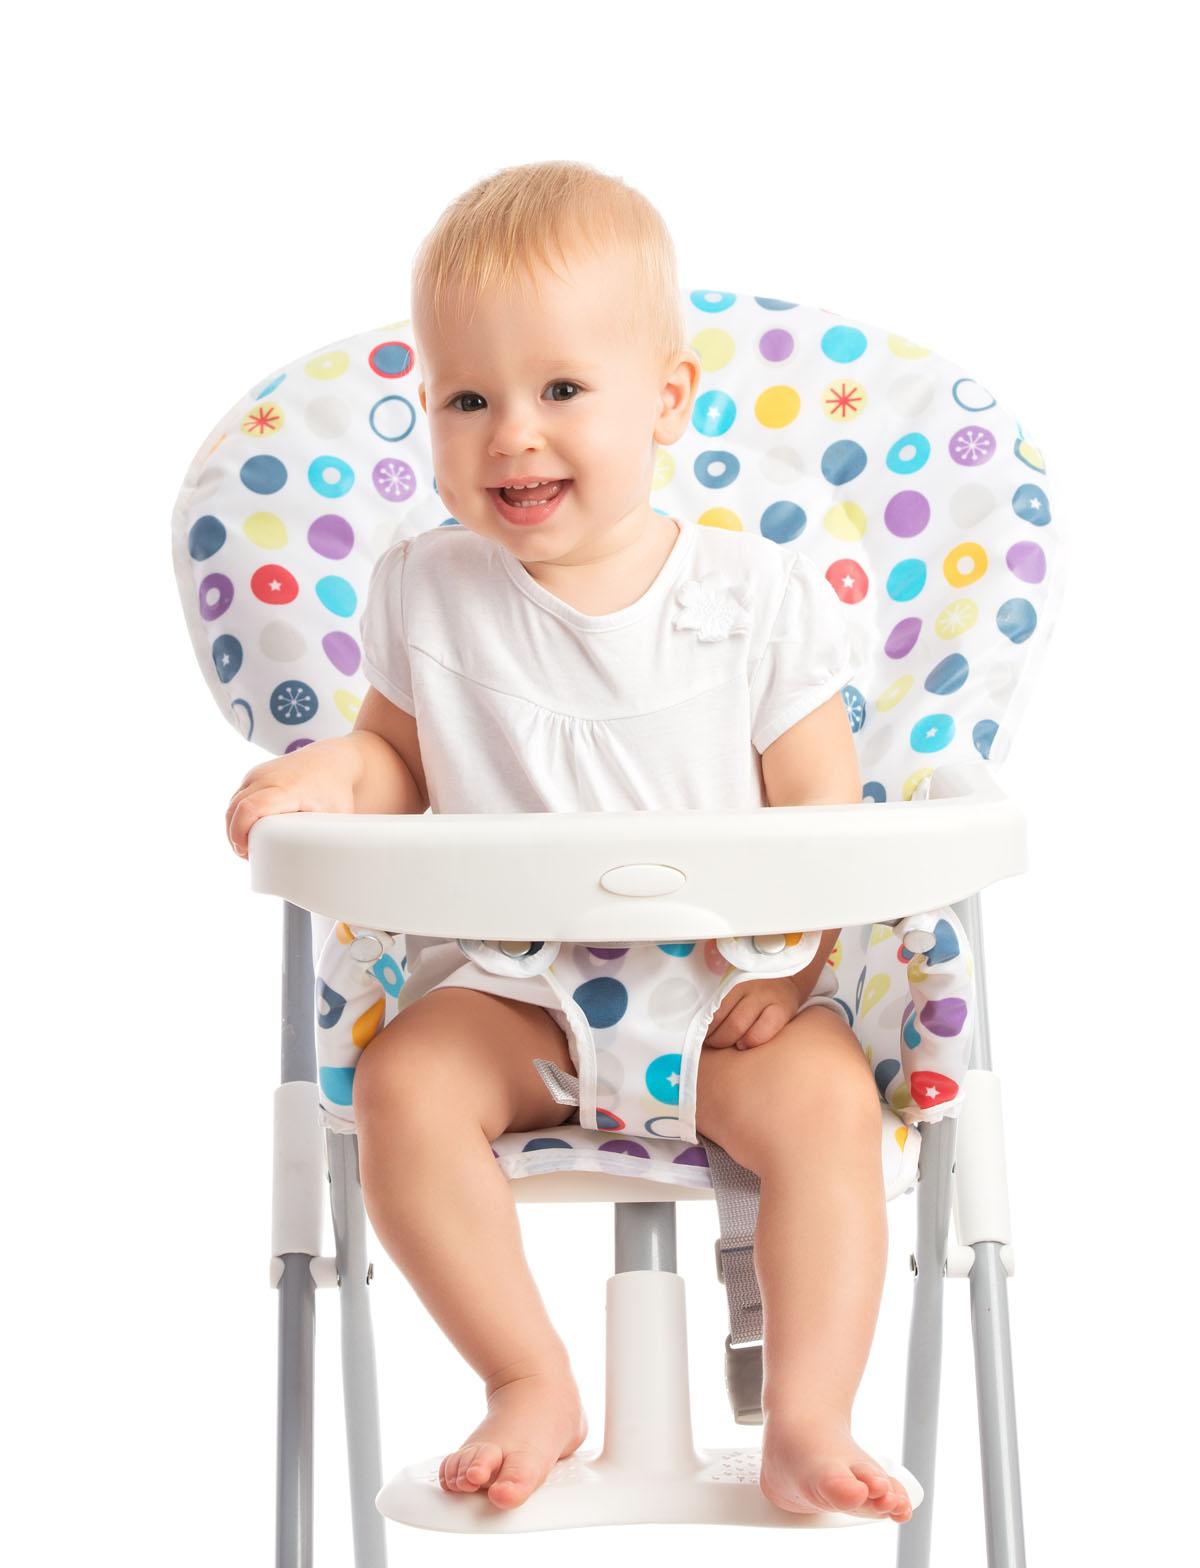 Krzesełko do karmienia – na co zwracać uwagę przy zakupie?